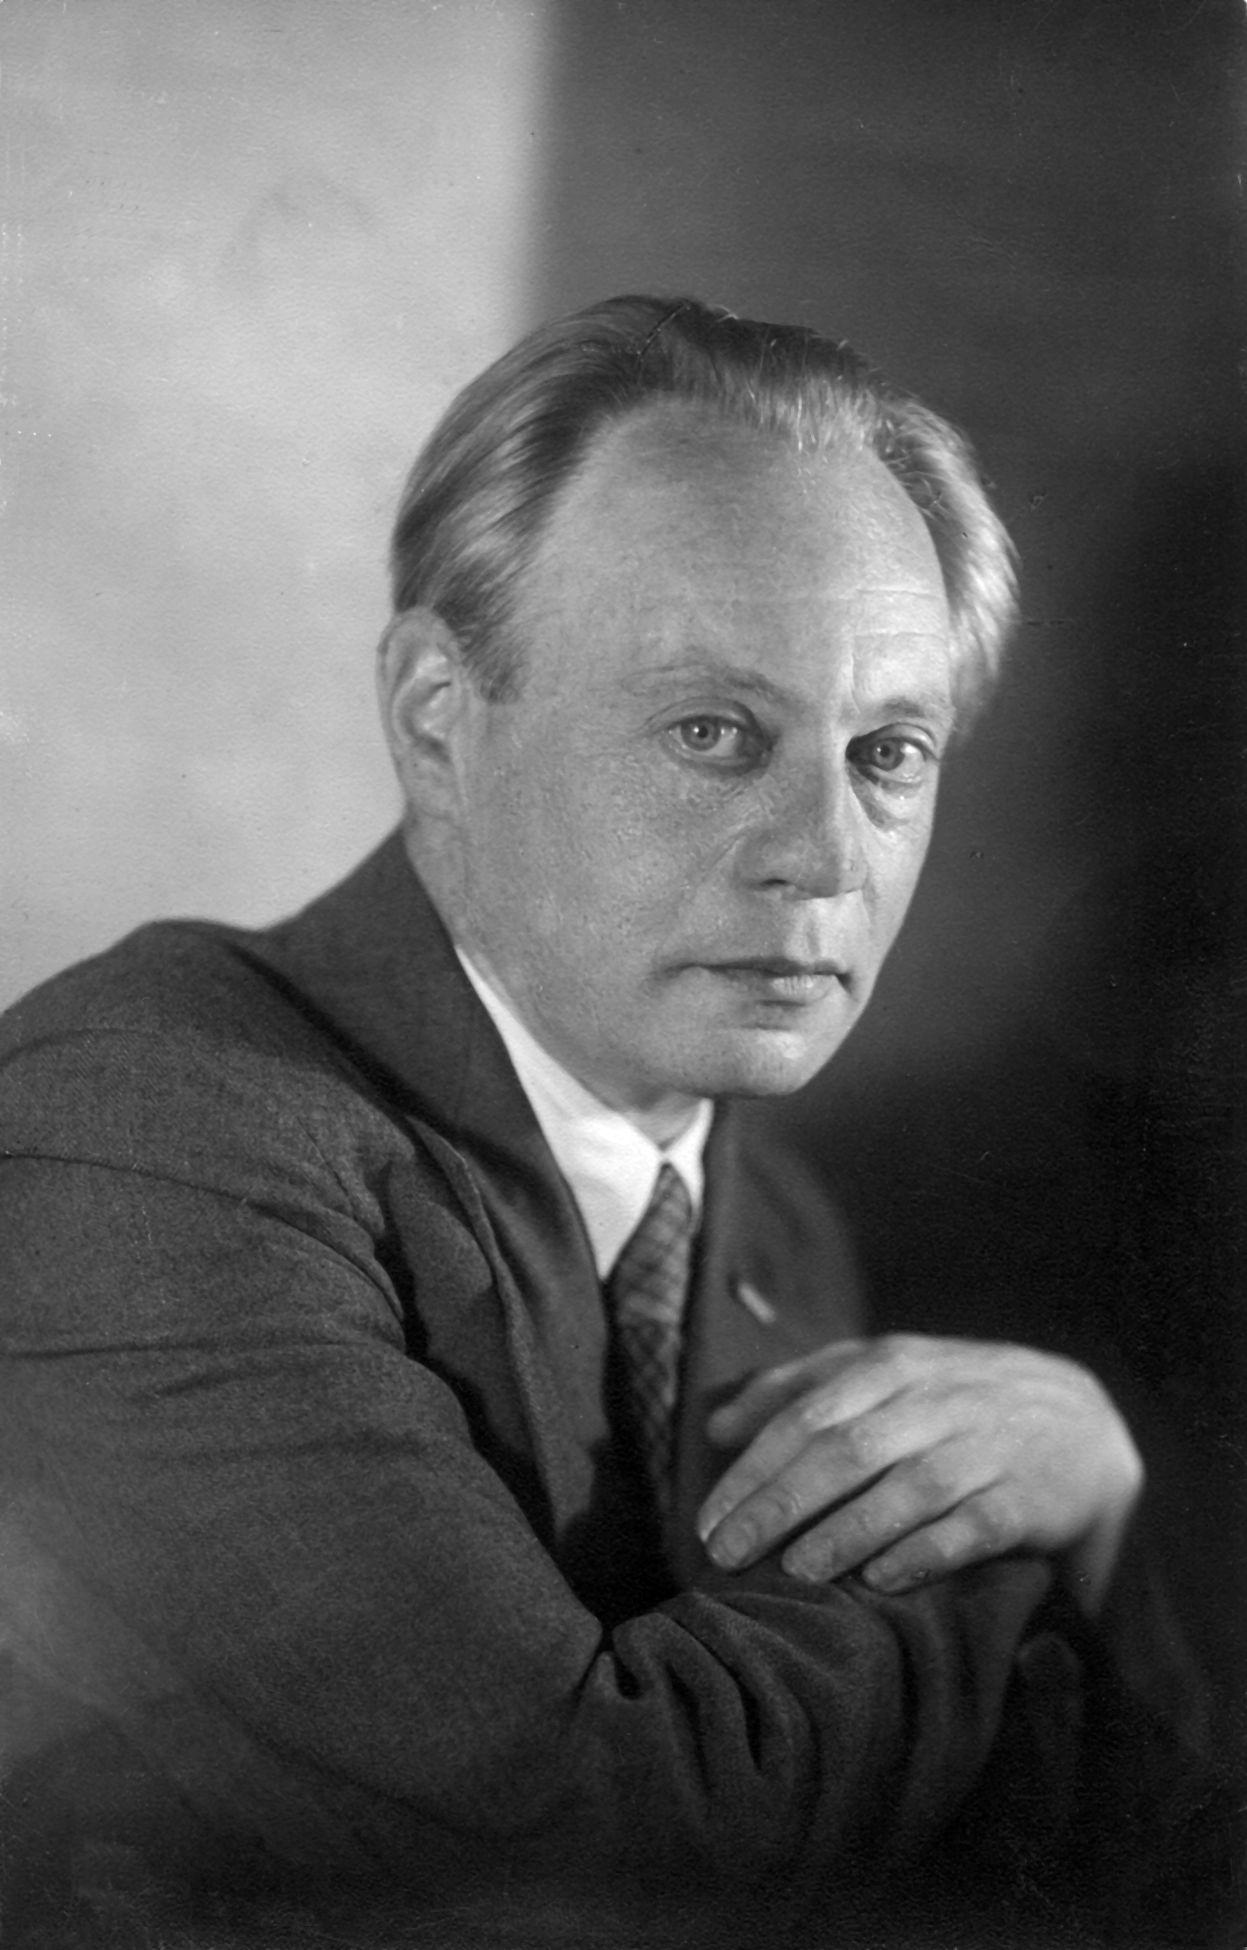 С. Л. Соболь, 1945 г.